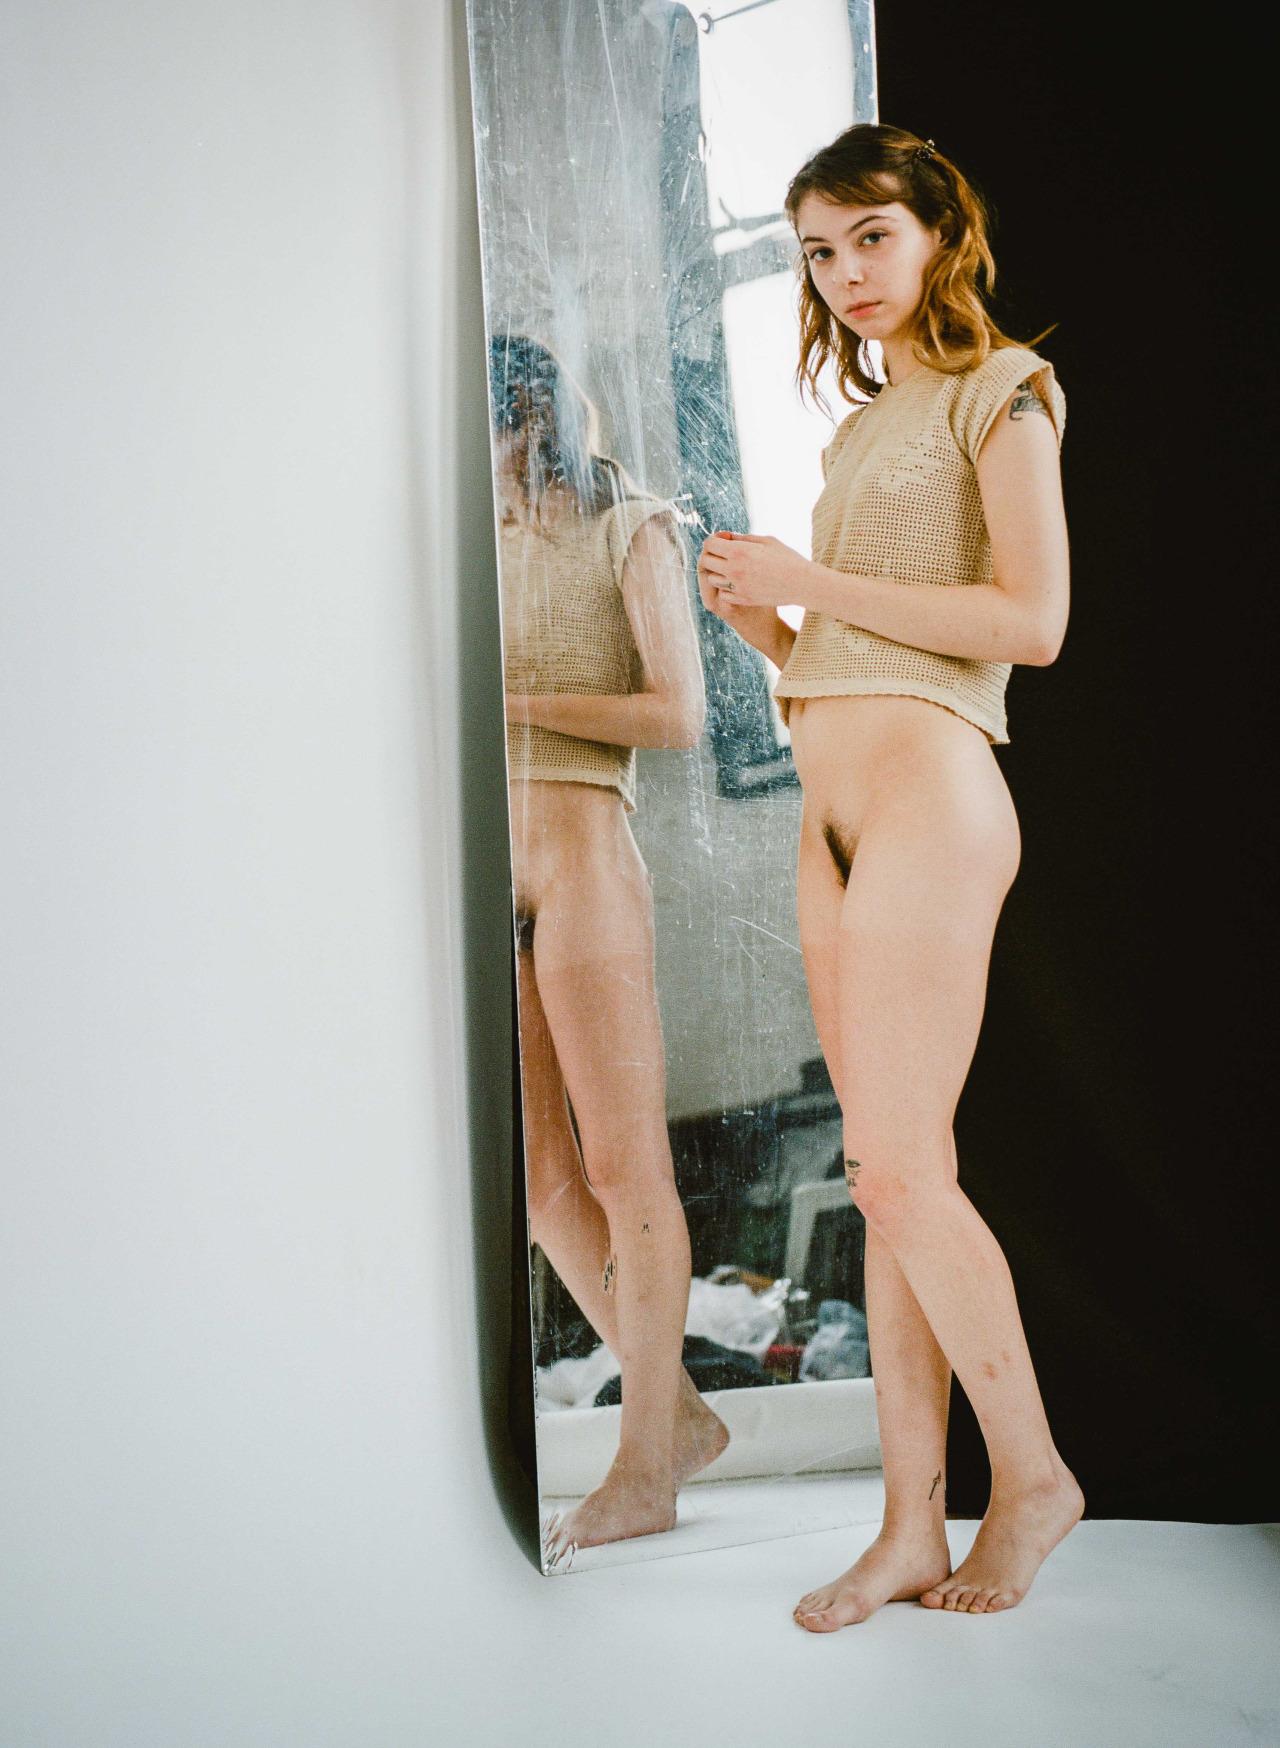 naked pepol having sex